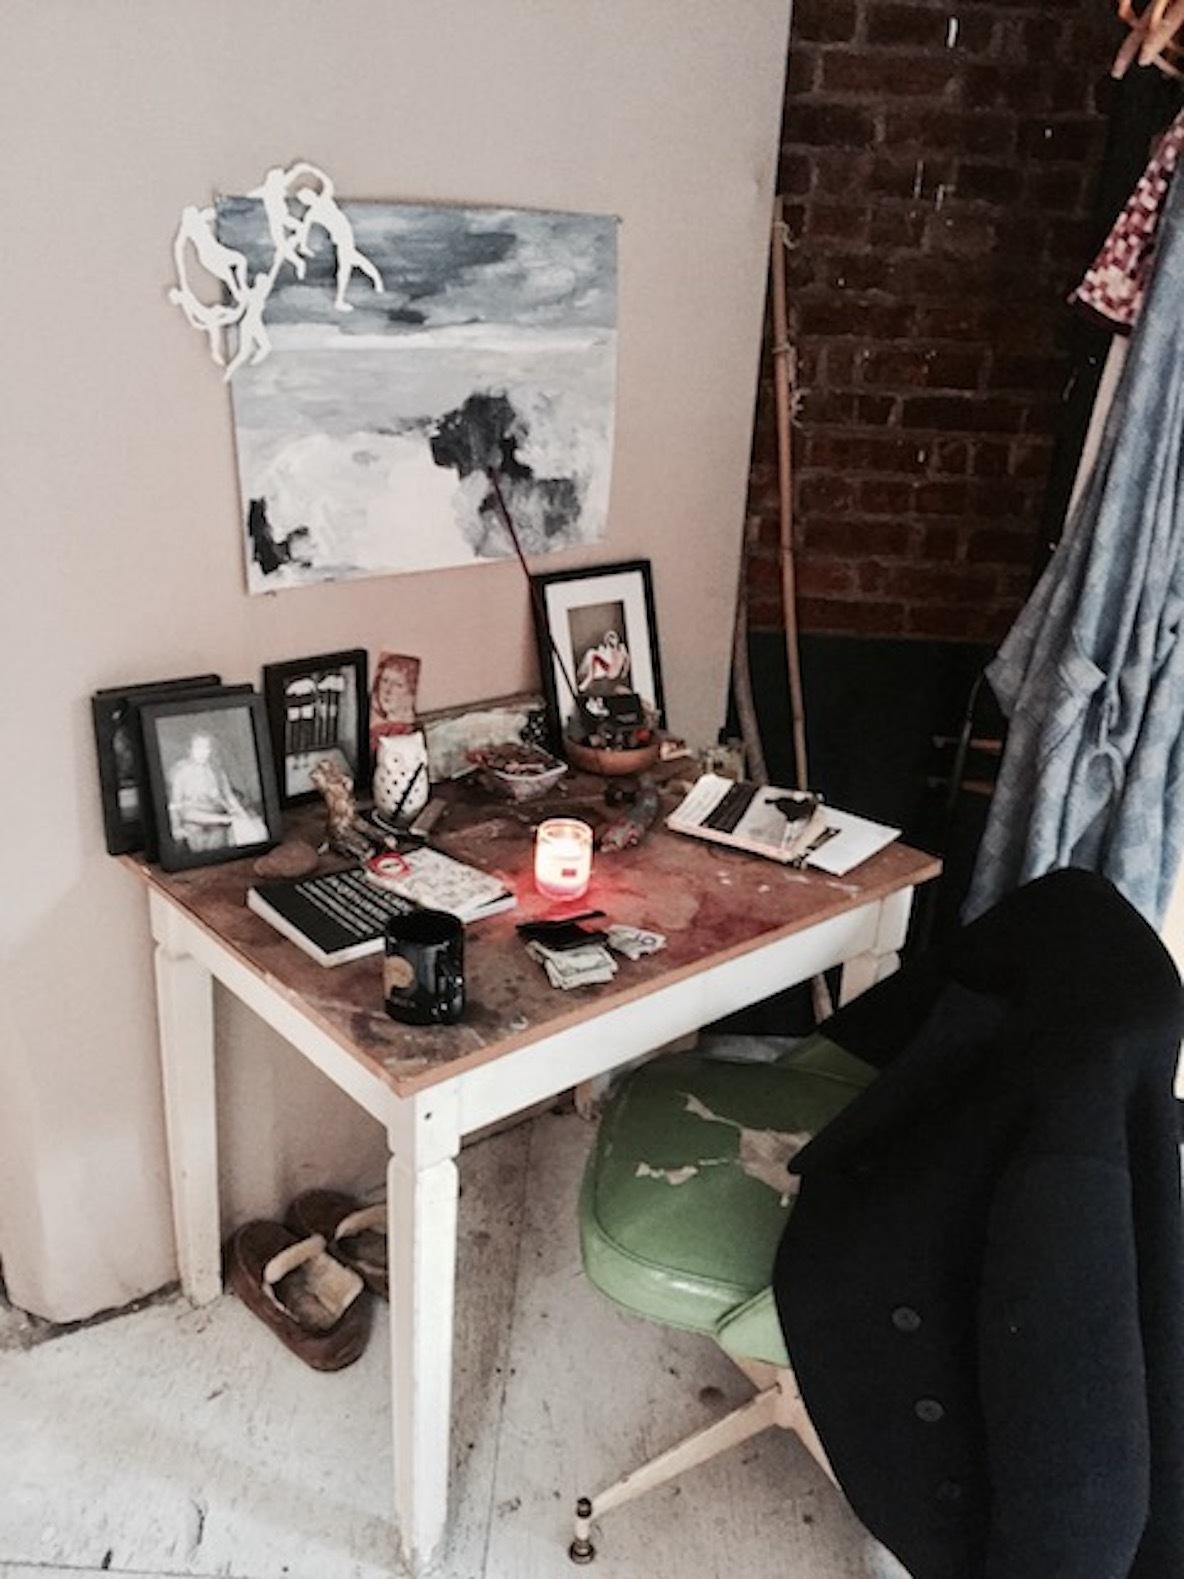 11人のアーティストが暮らす、ニューヨーク・ブルックリンのアトリエの机